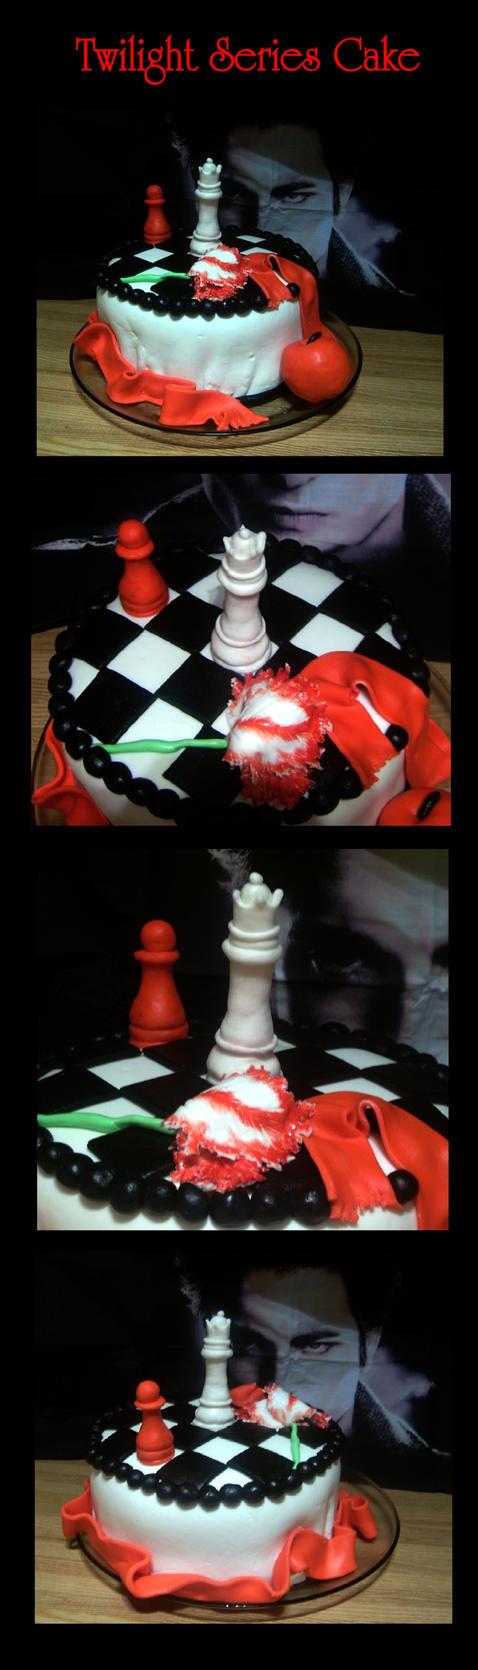 Twilight Series Birthday Cake by martiowlsten